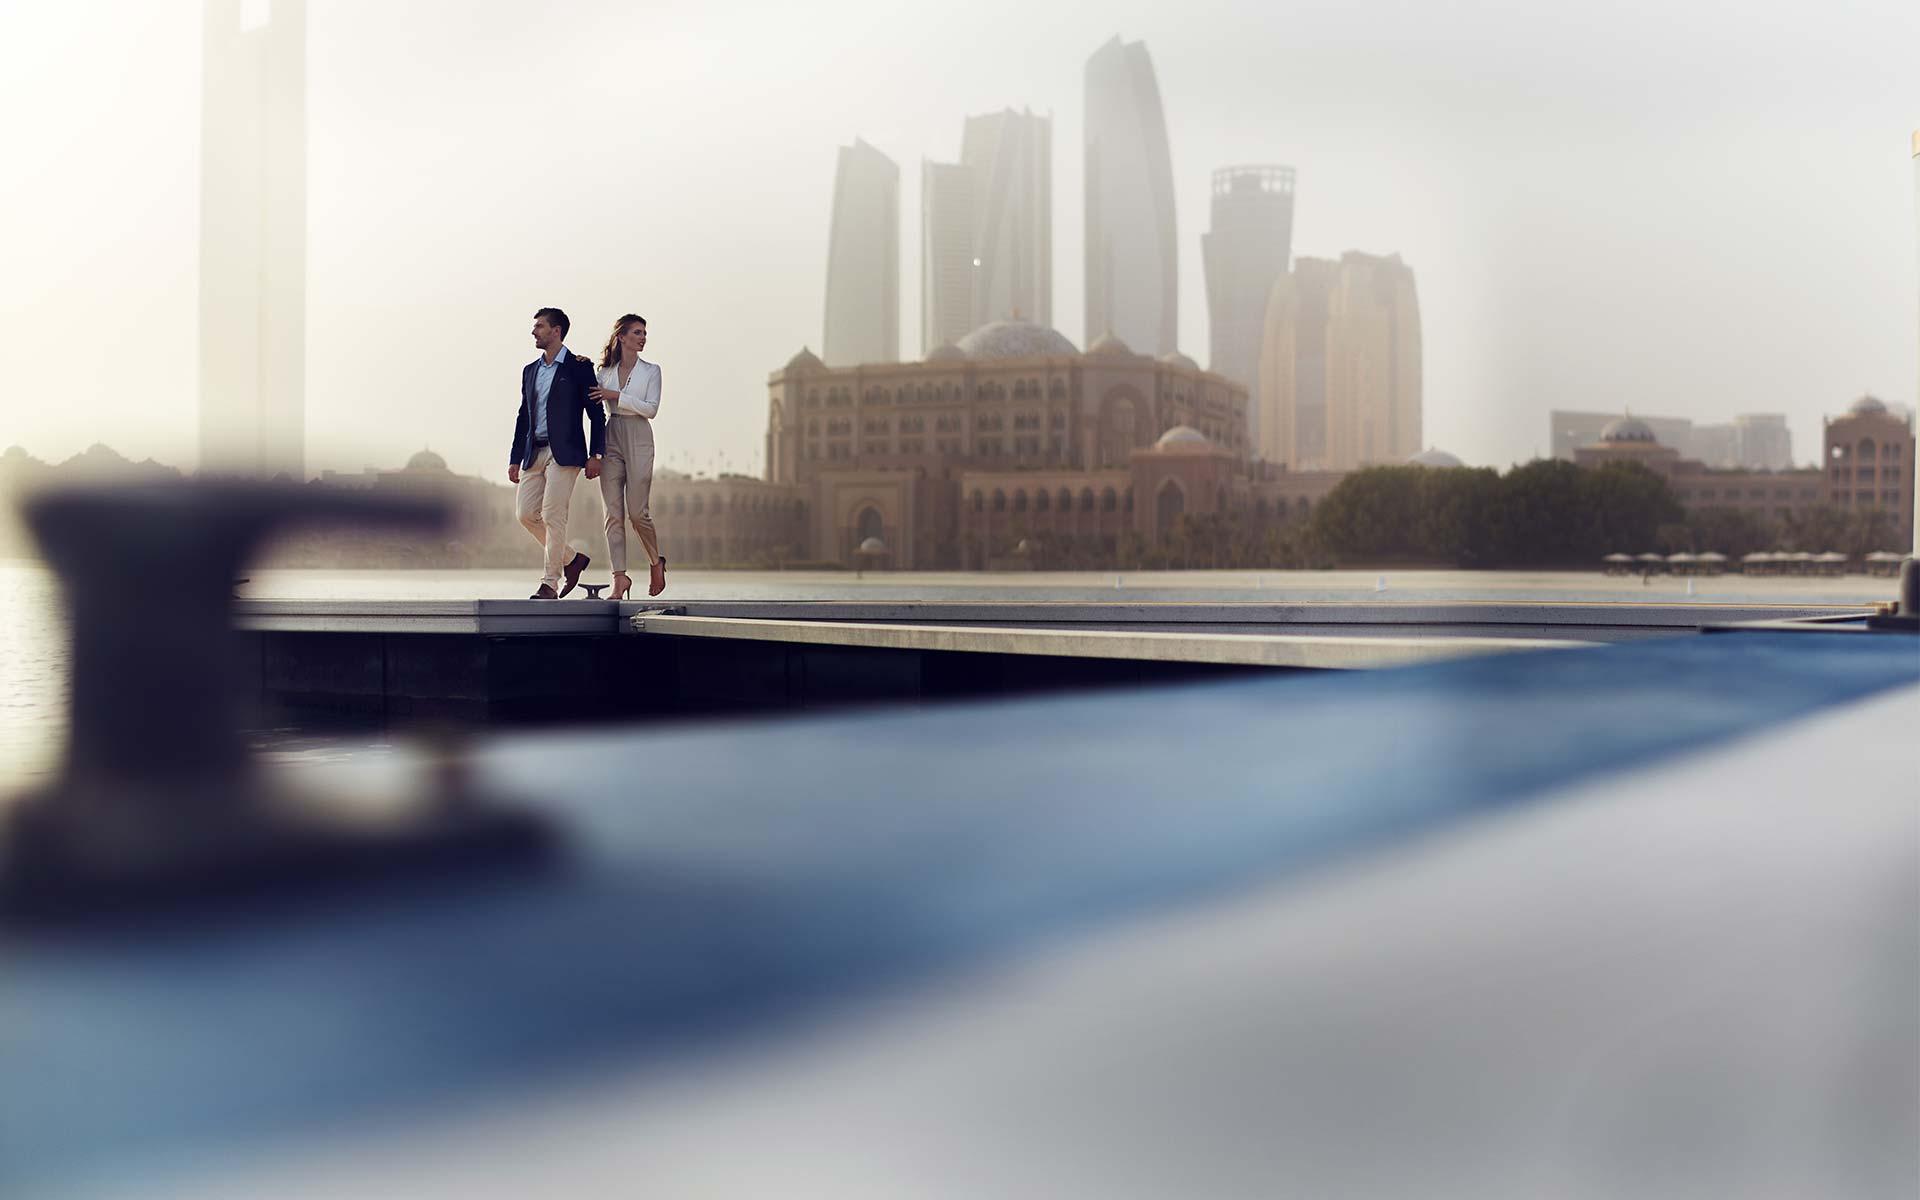 Emissa Travel – Abu Dhabi